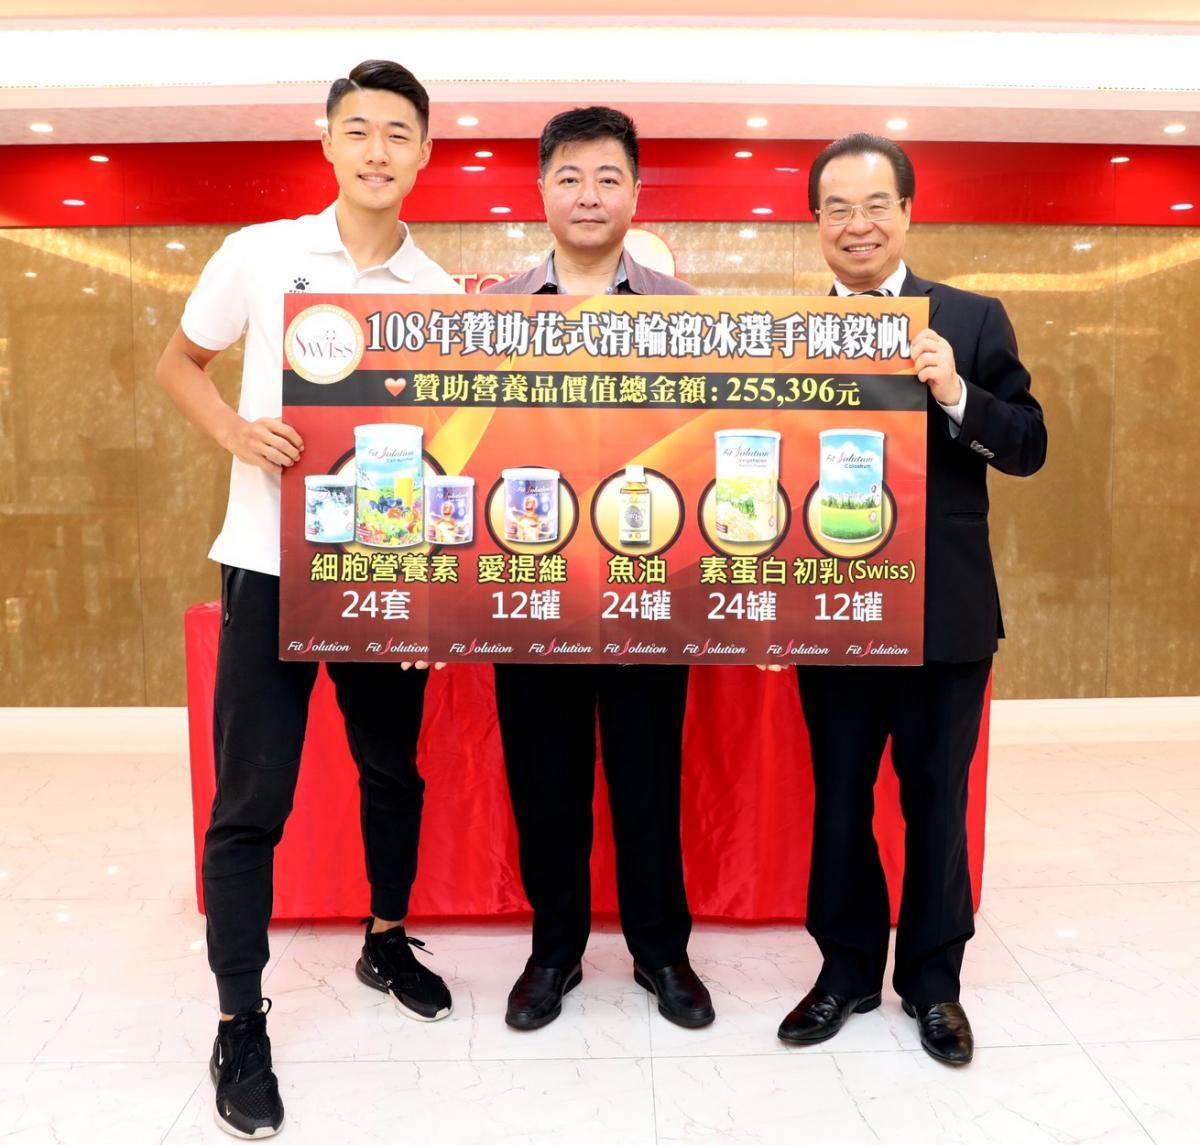 王博士愛心加持,陳毅帆連五年稱霸世界直排輪舞台圖細胞營養之3